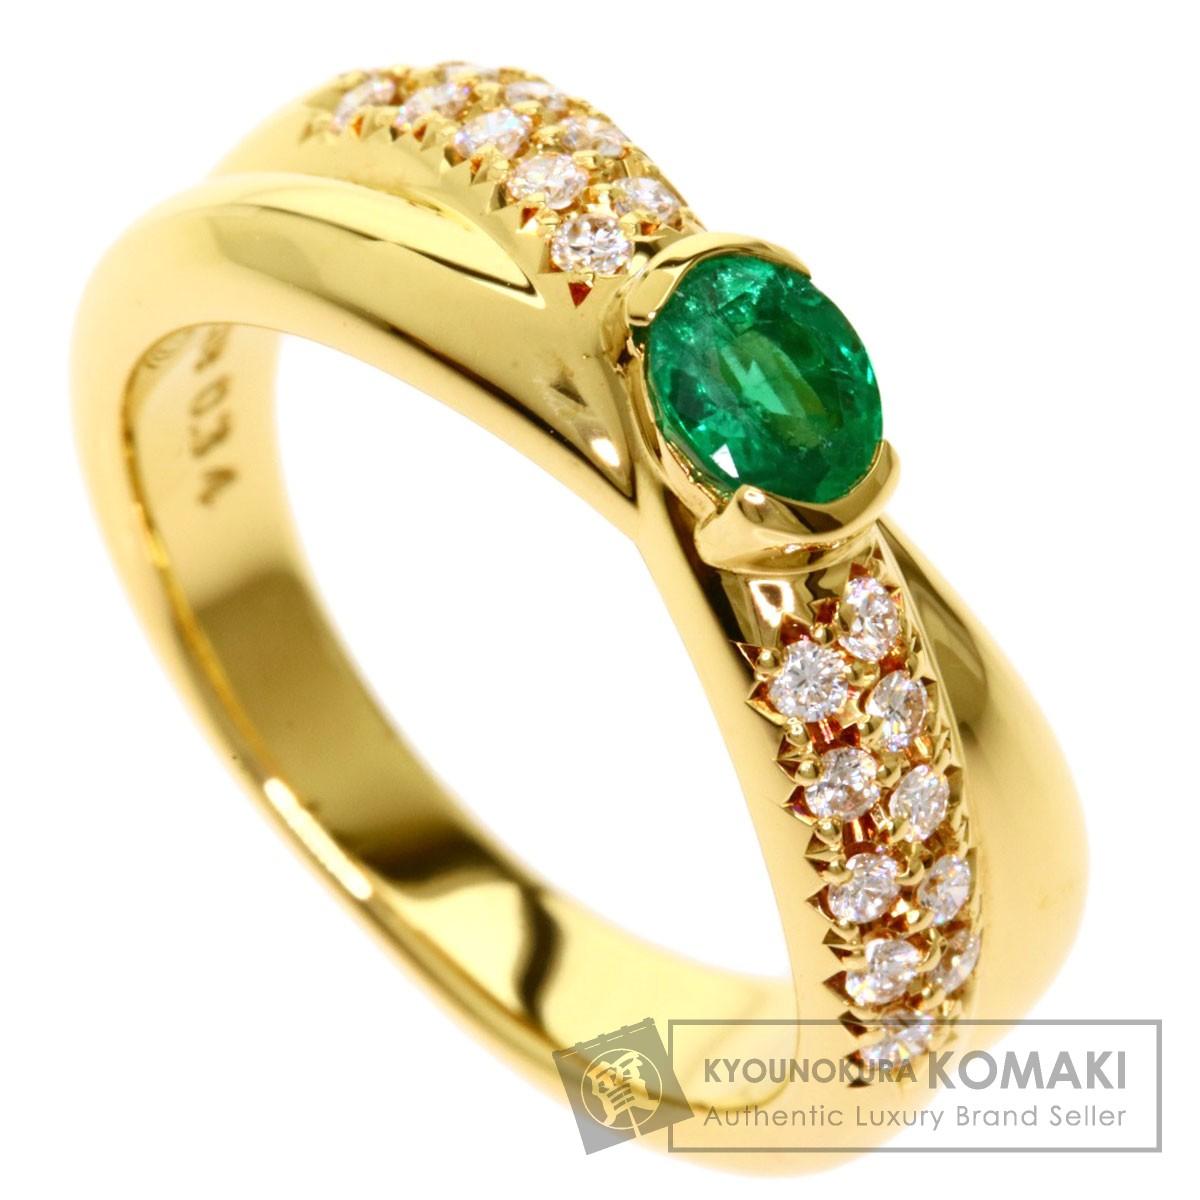 タサキ エメラルド ダイヤモンド リング・指輪 K18イエローゴールド レディース 【中古】【TASAKI】